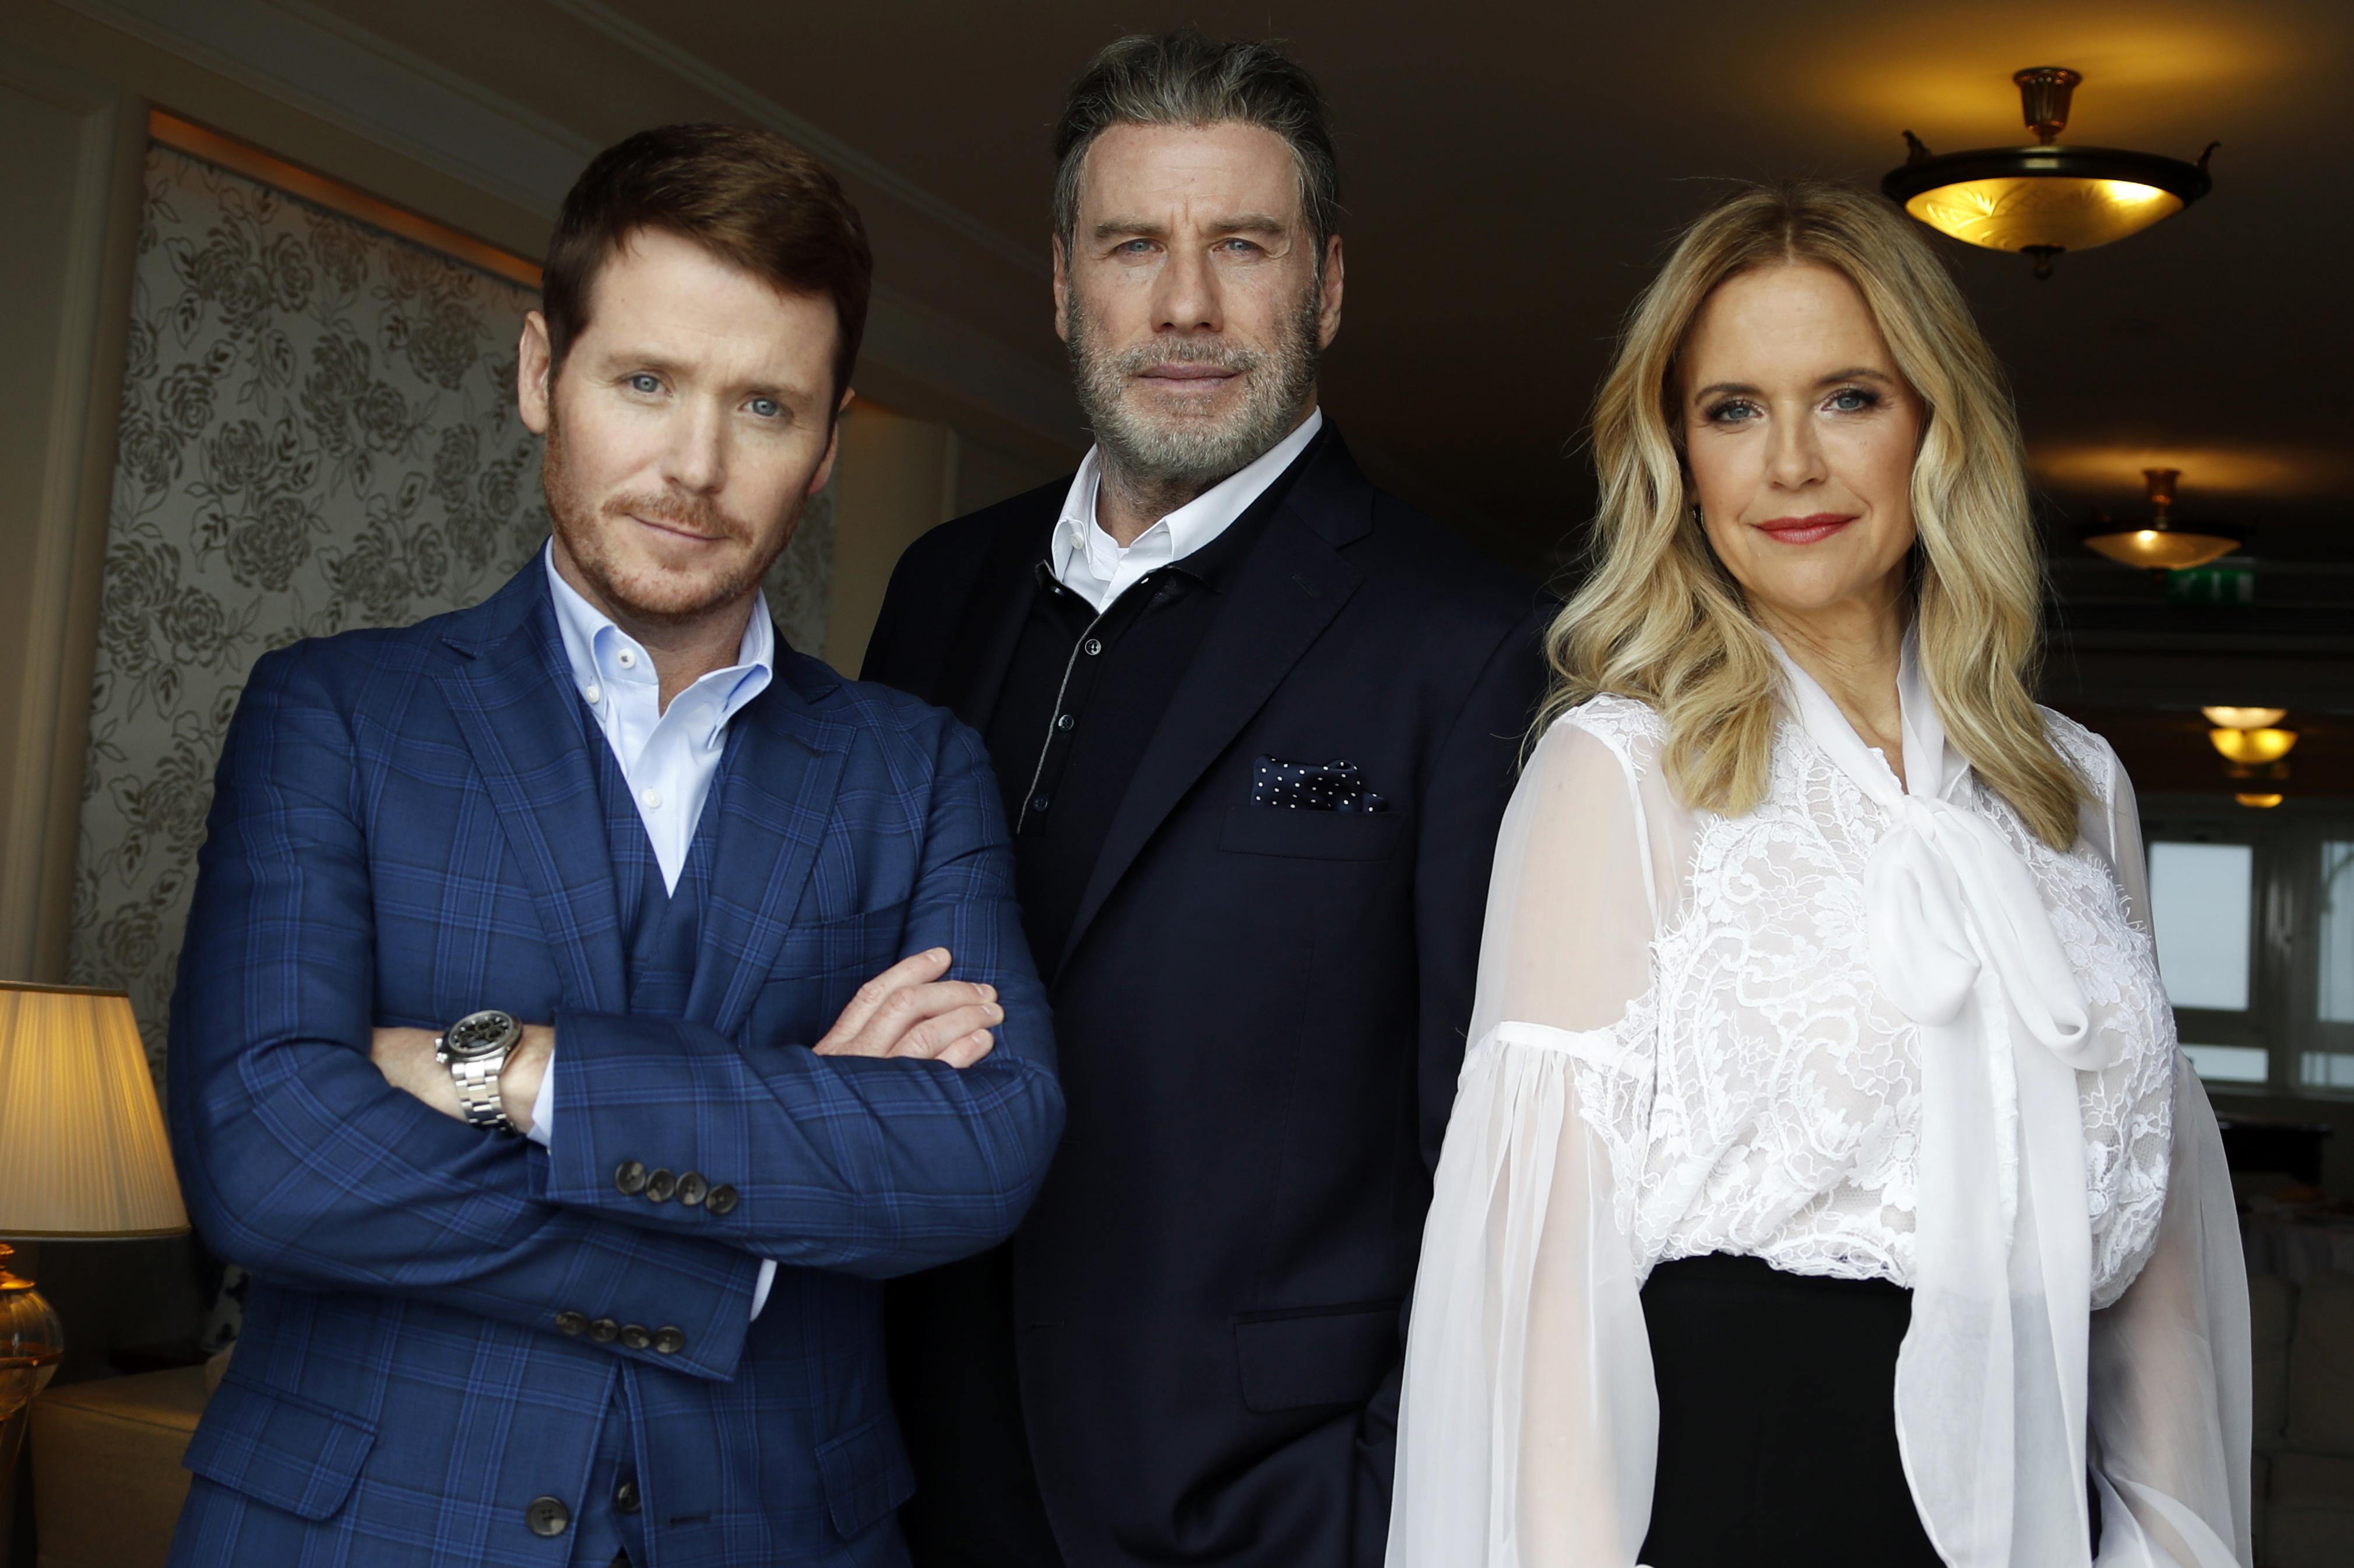 Travolta's 'Gotti,' Trump get Razzie 'worst film' nods - Reuters